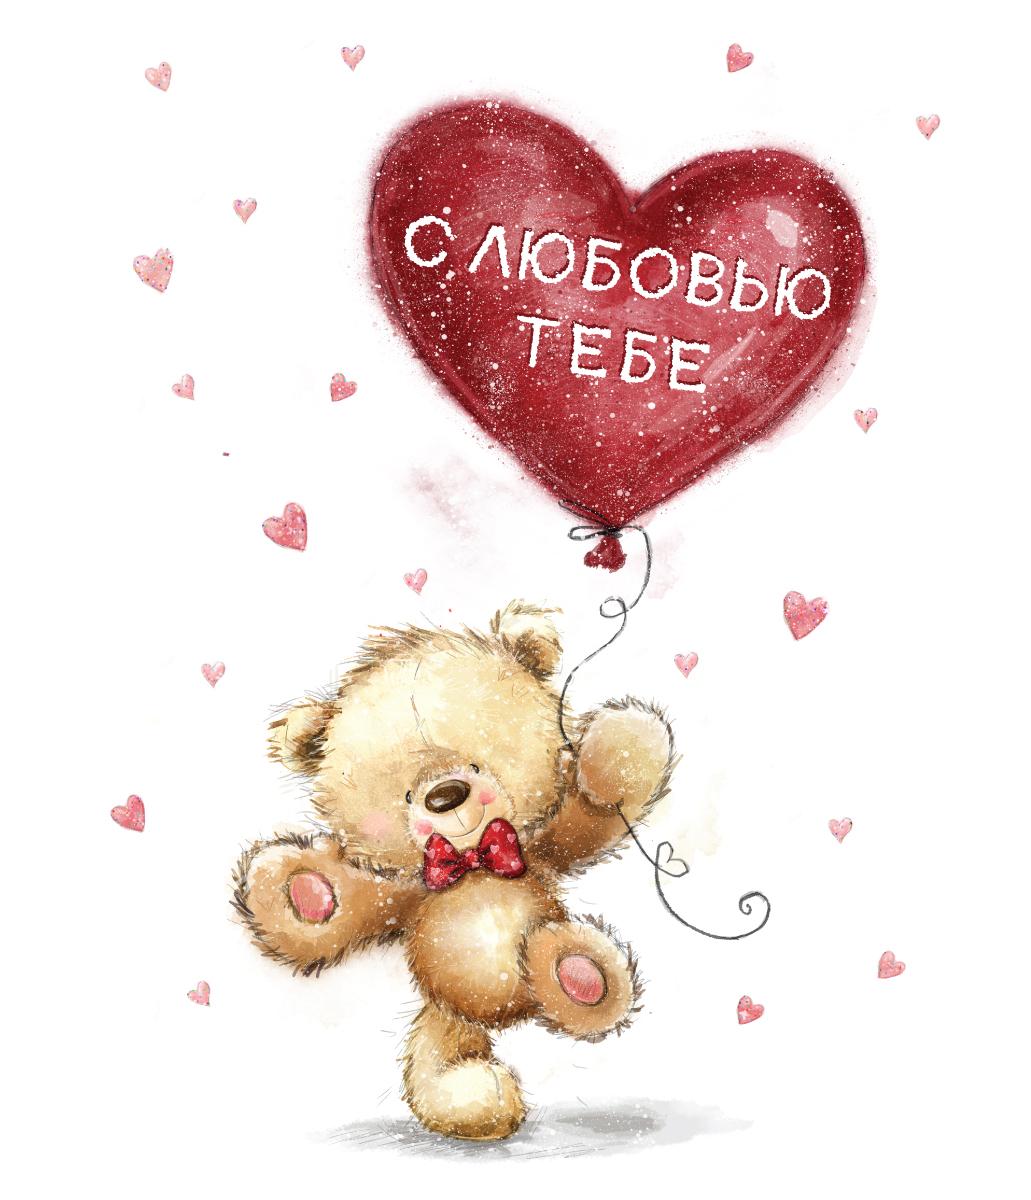 Открытка сувенирная С любовью тебе273827Открытка – поздравительная карточка, которая прочно вошла в быт человека. Не обязательно дарить дорогой подарок, главное внимание, достаточно выбрать подходящую картинку на открытке и вручить дорогому человеку.